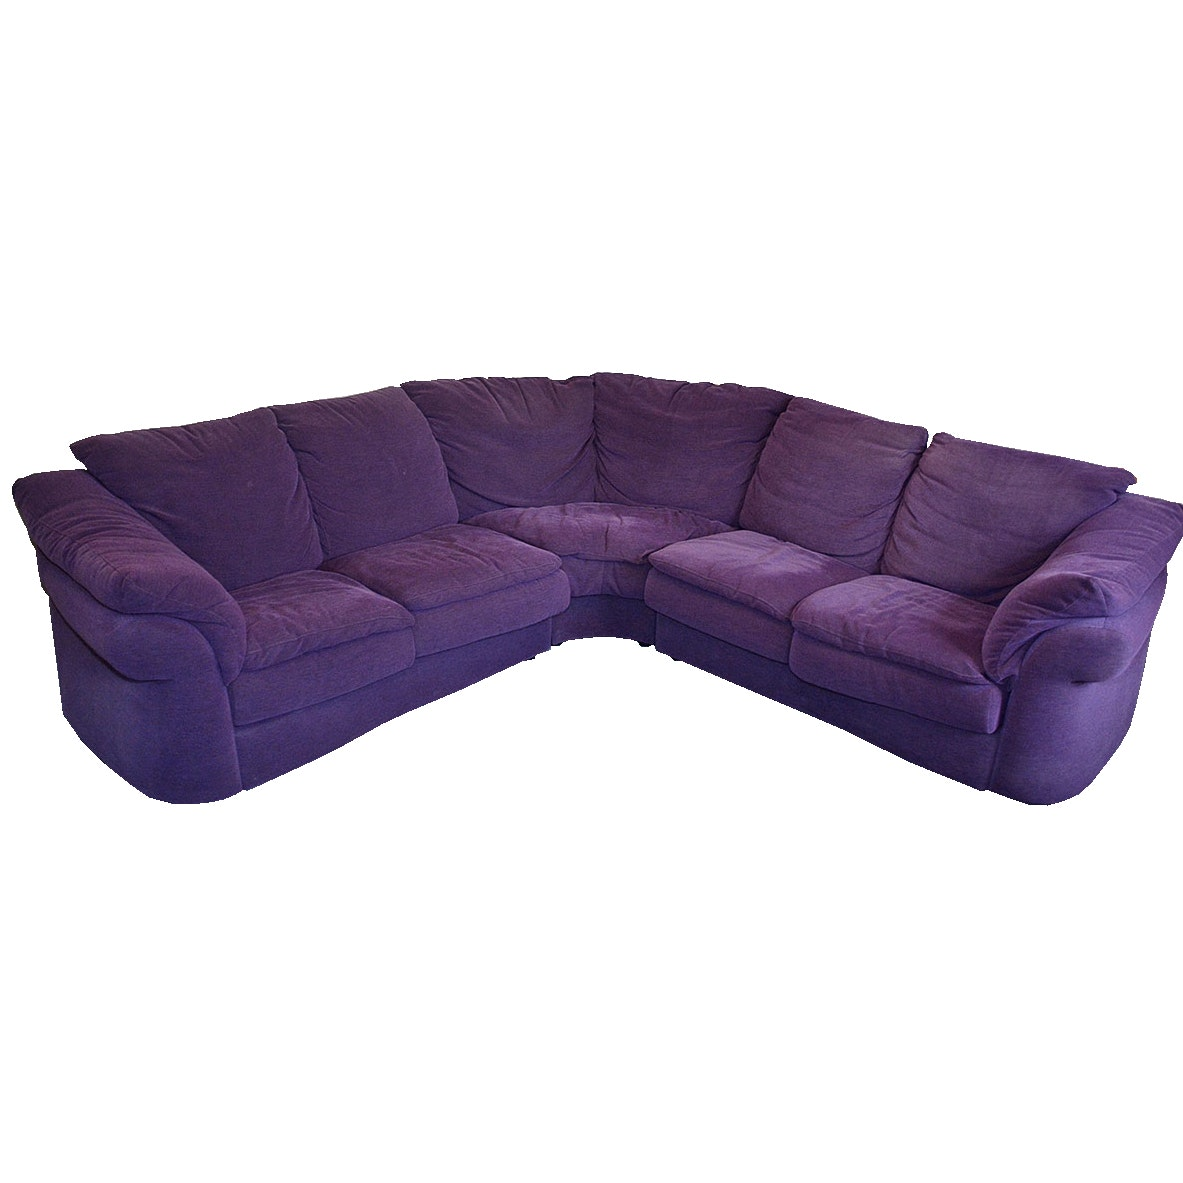 Natuzzi Purple Sectional Sofa